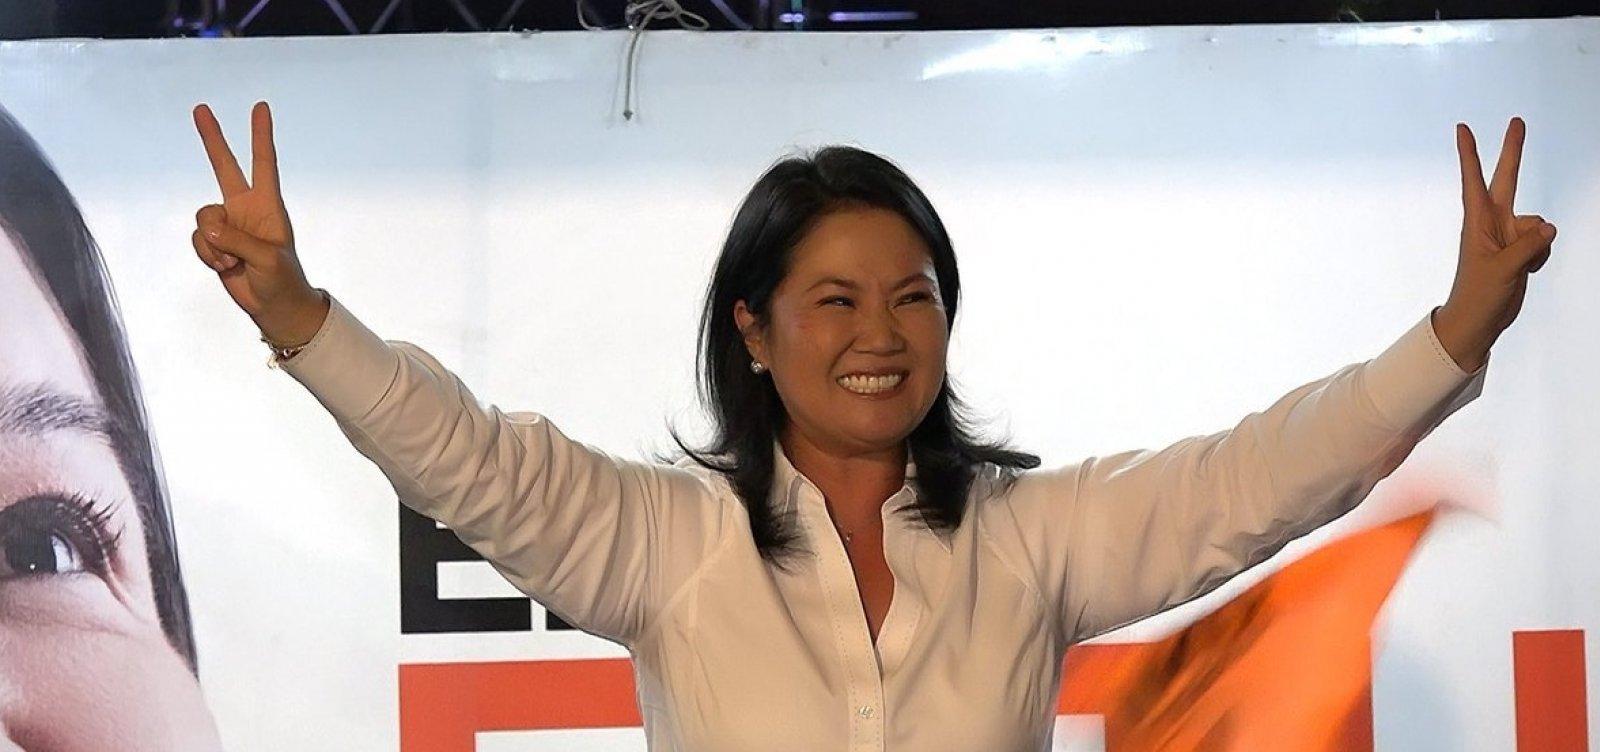 Keiko Fujimori é levada para prisão no Peru